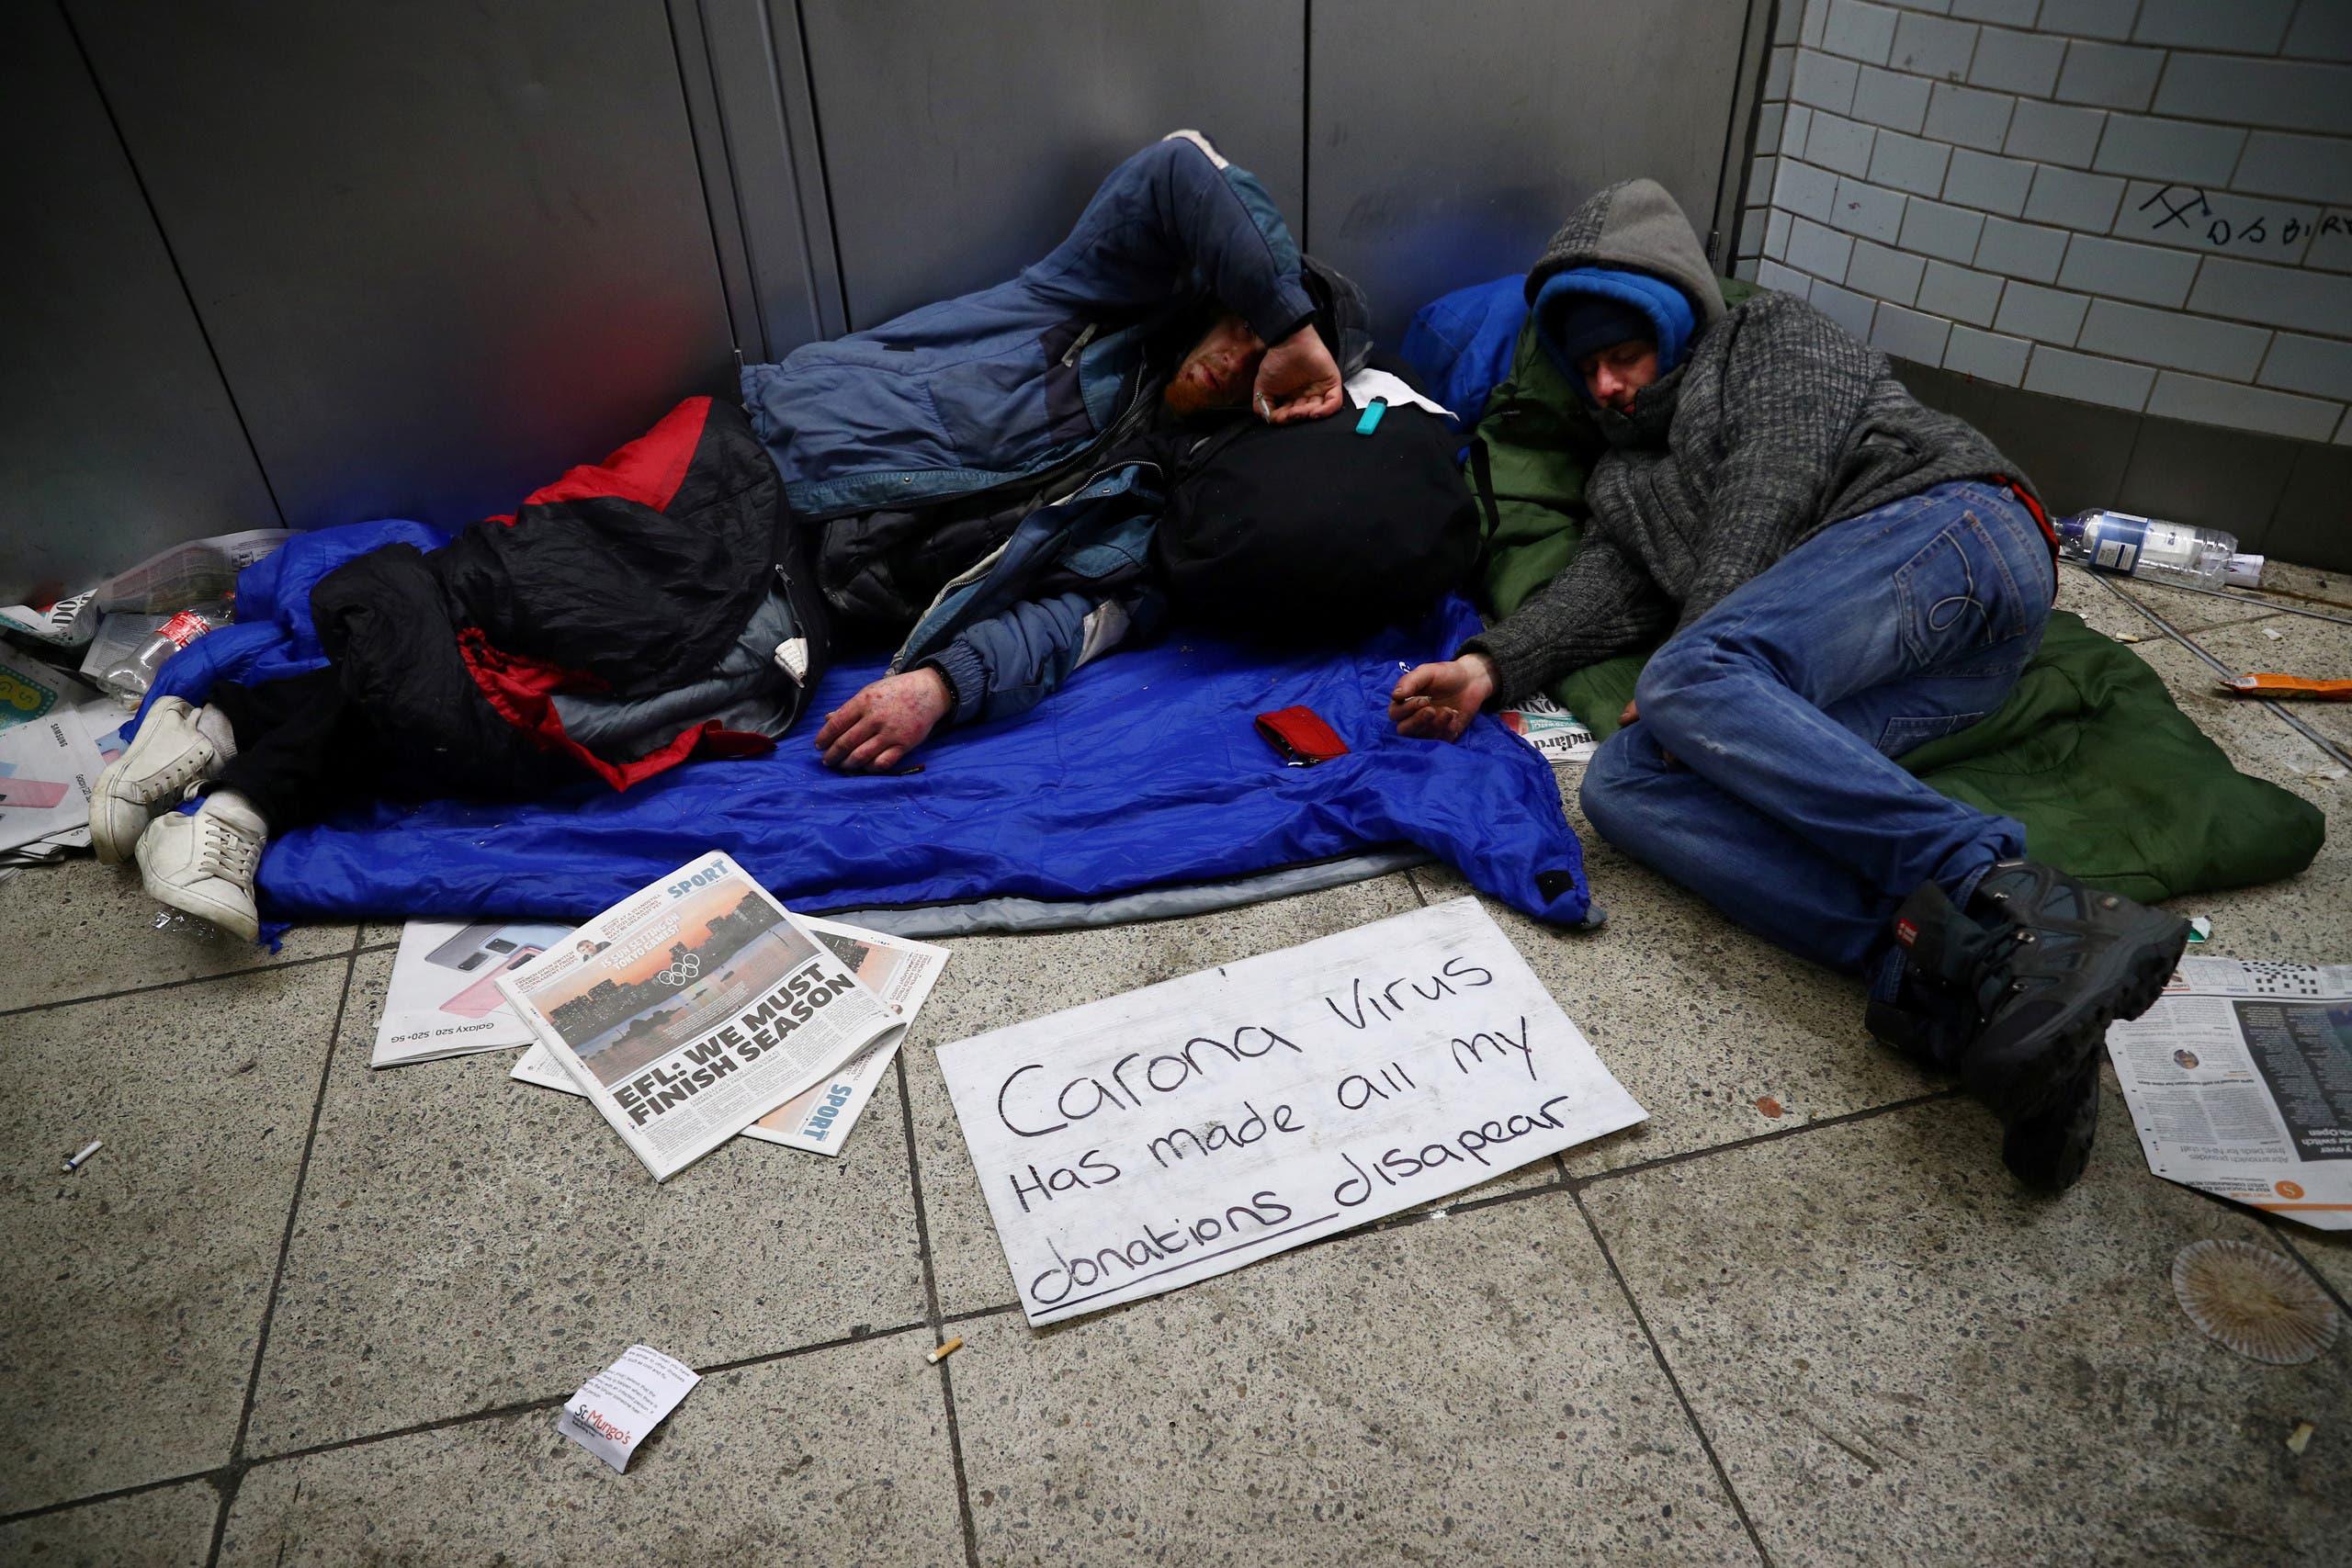 مشردون يشتكون من غياب التبرعات بعد انتشار فيروس كورونا وتوقف الحركة في لندن